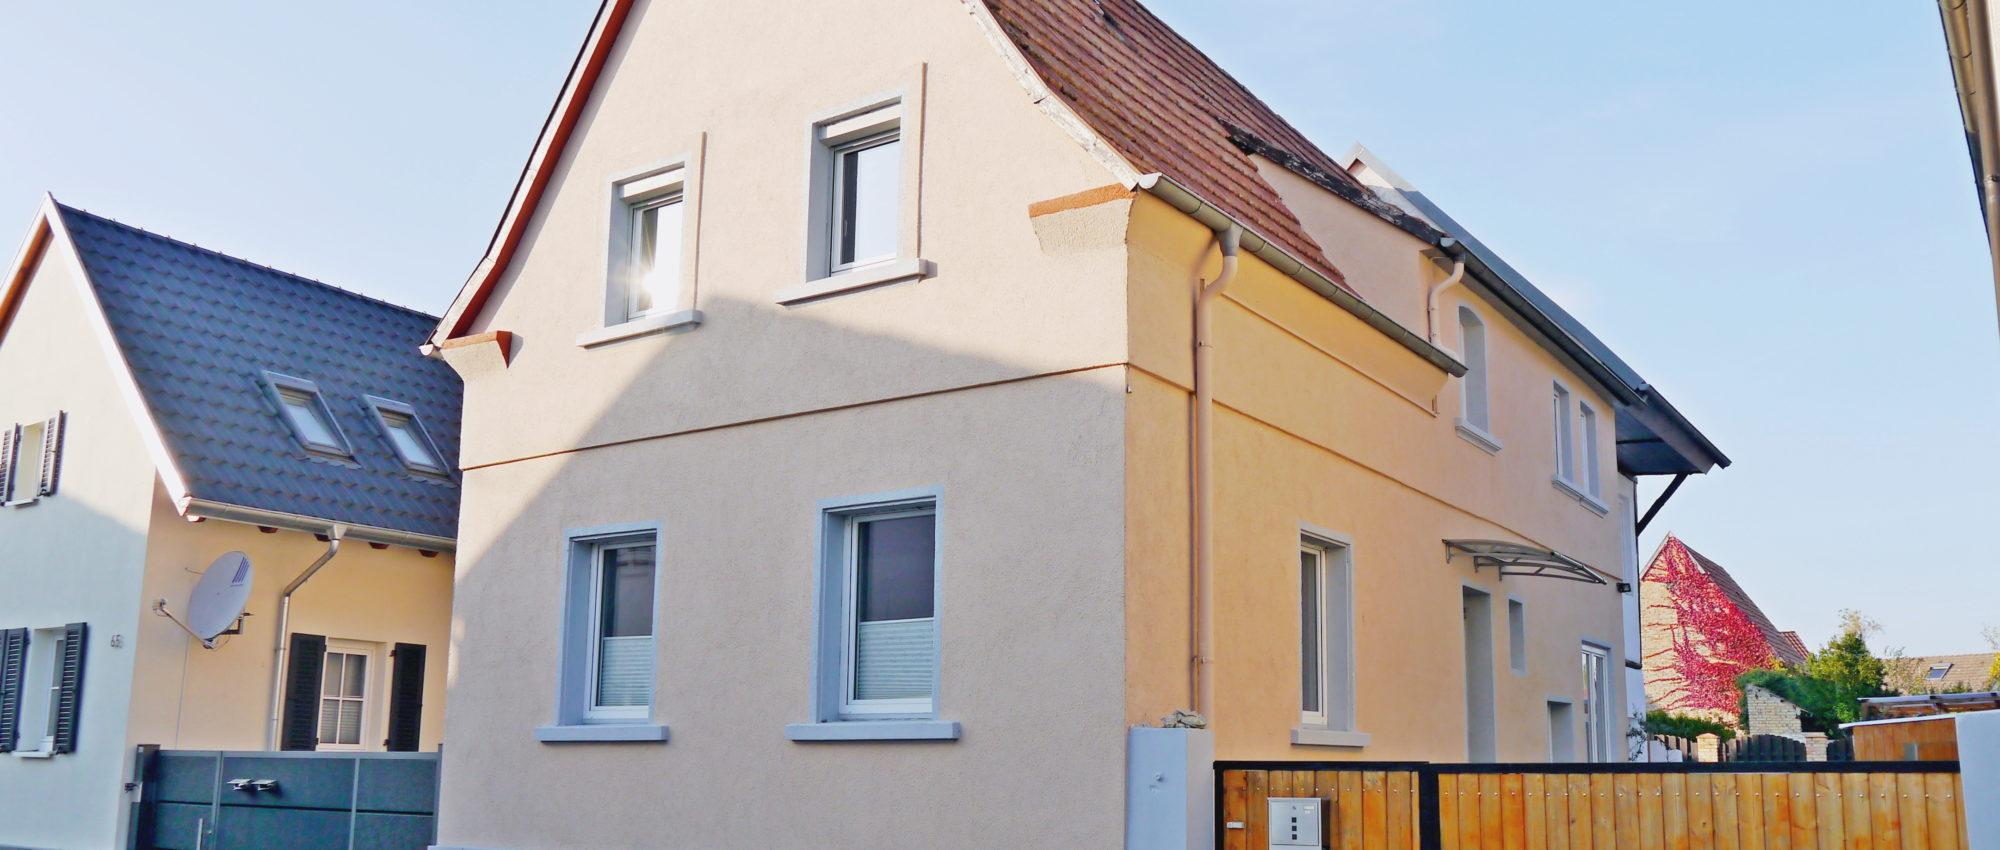 Reserviert! Freistehendes Einfamilienhaus mit Hof und Garten in Rülzheim (Kreis Germersheim)